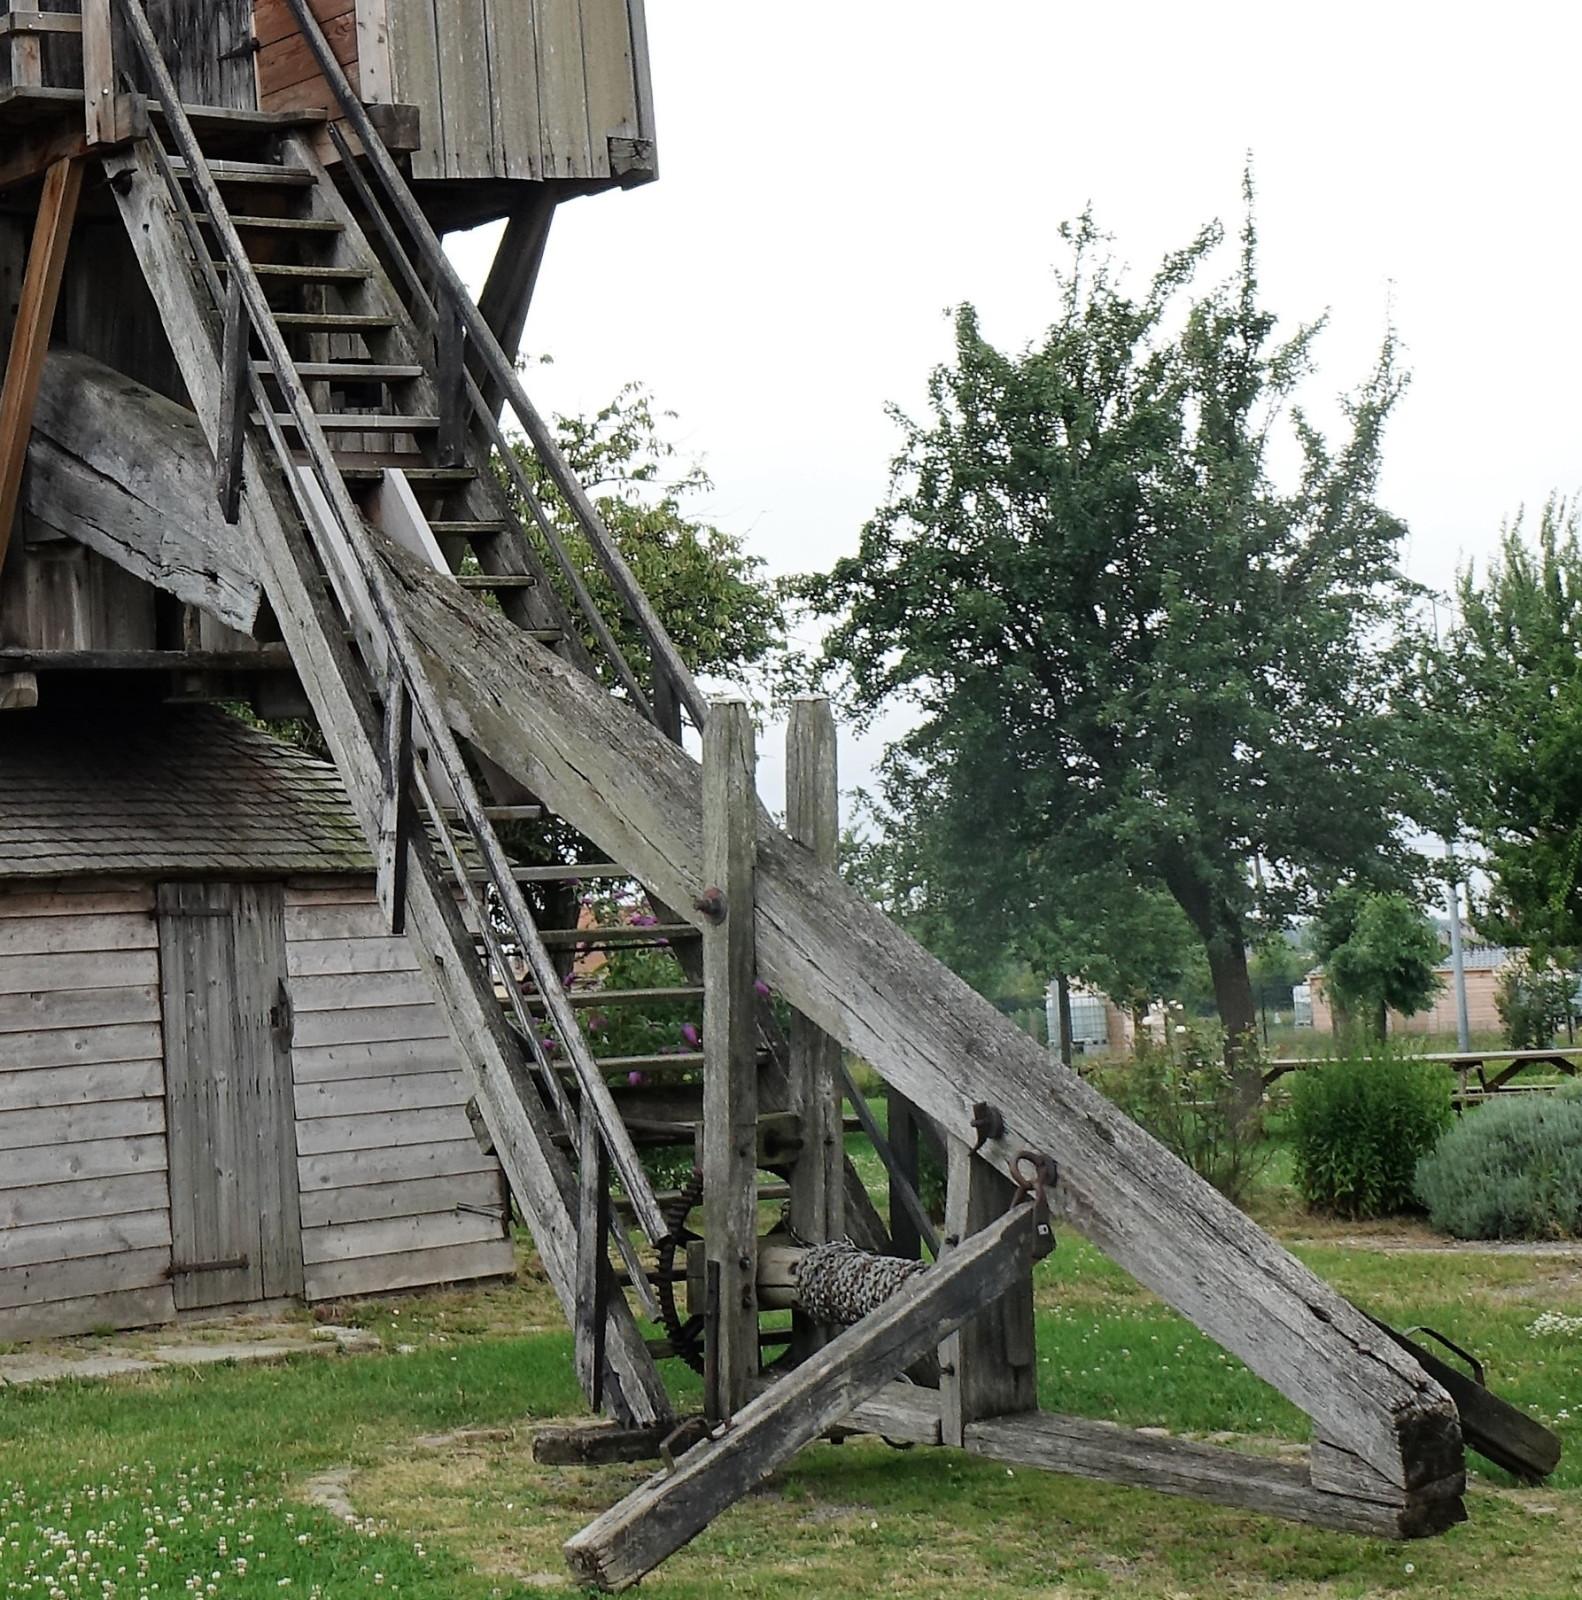 De molens van Frans-Vlaanderen - Pagina 3 21njyx0